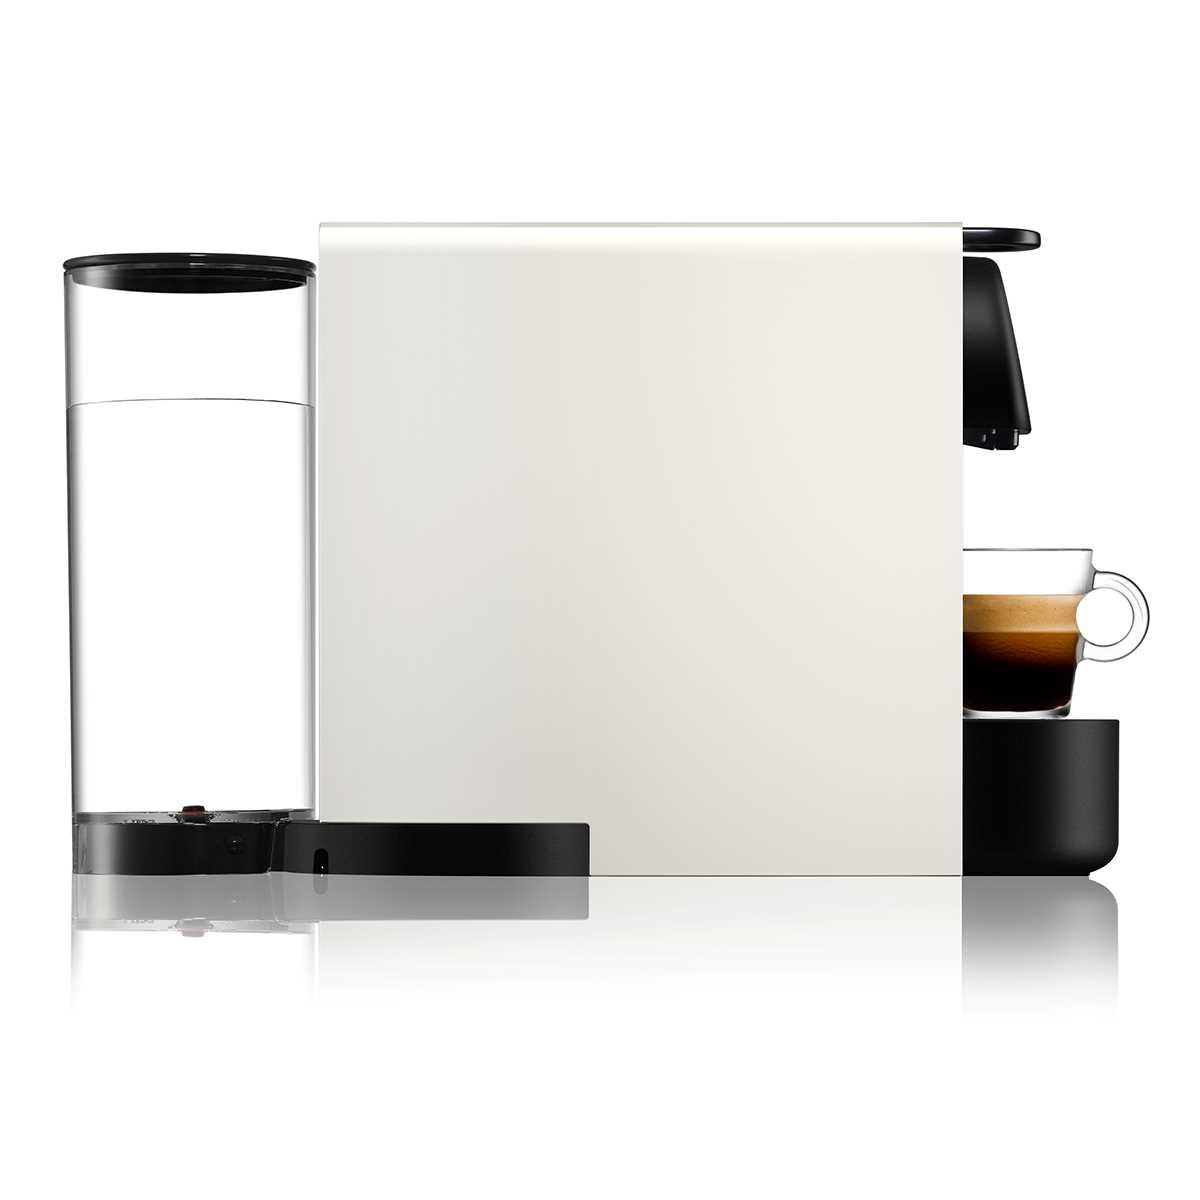 מכונת קפה NESPRESSO Essenza Plus C45 - צבע לבן - תמונה 2